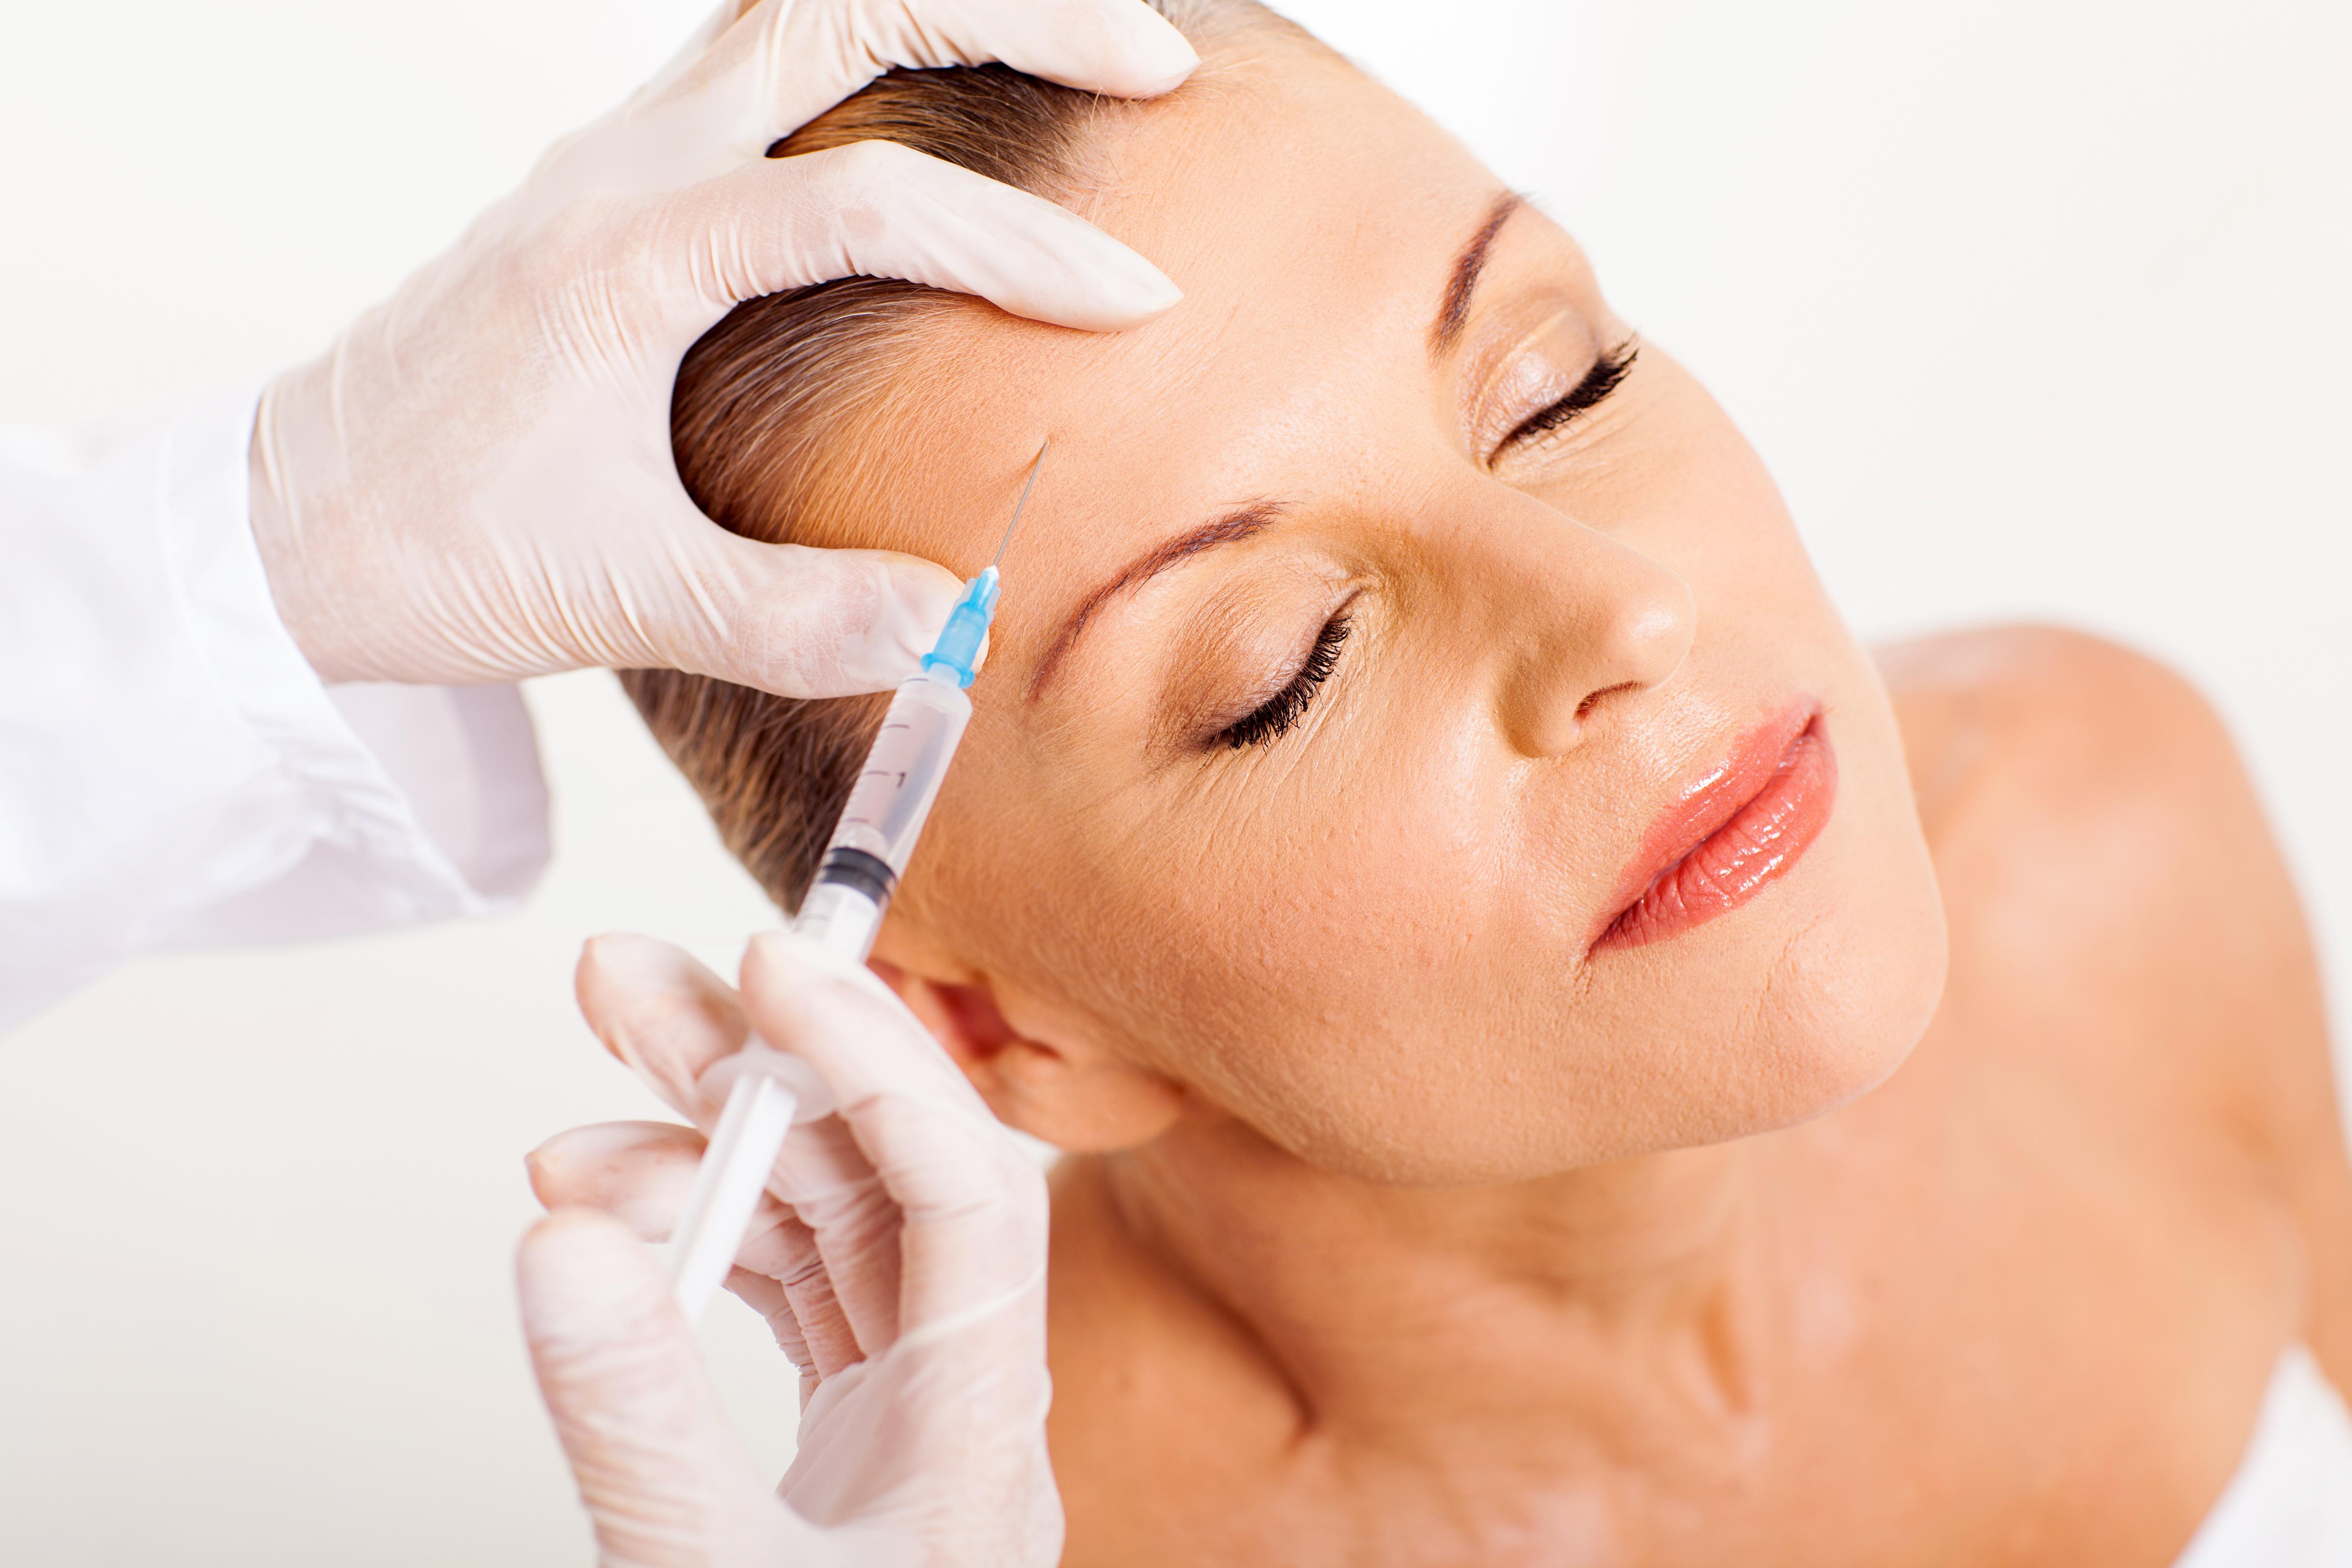 Botox ® : Verdades y Leyendas sobre la toxina botulínica